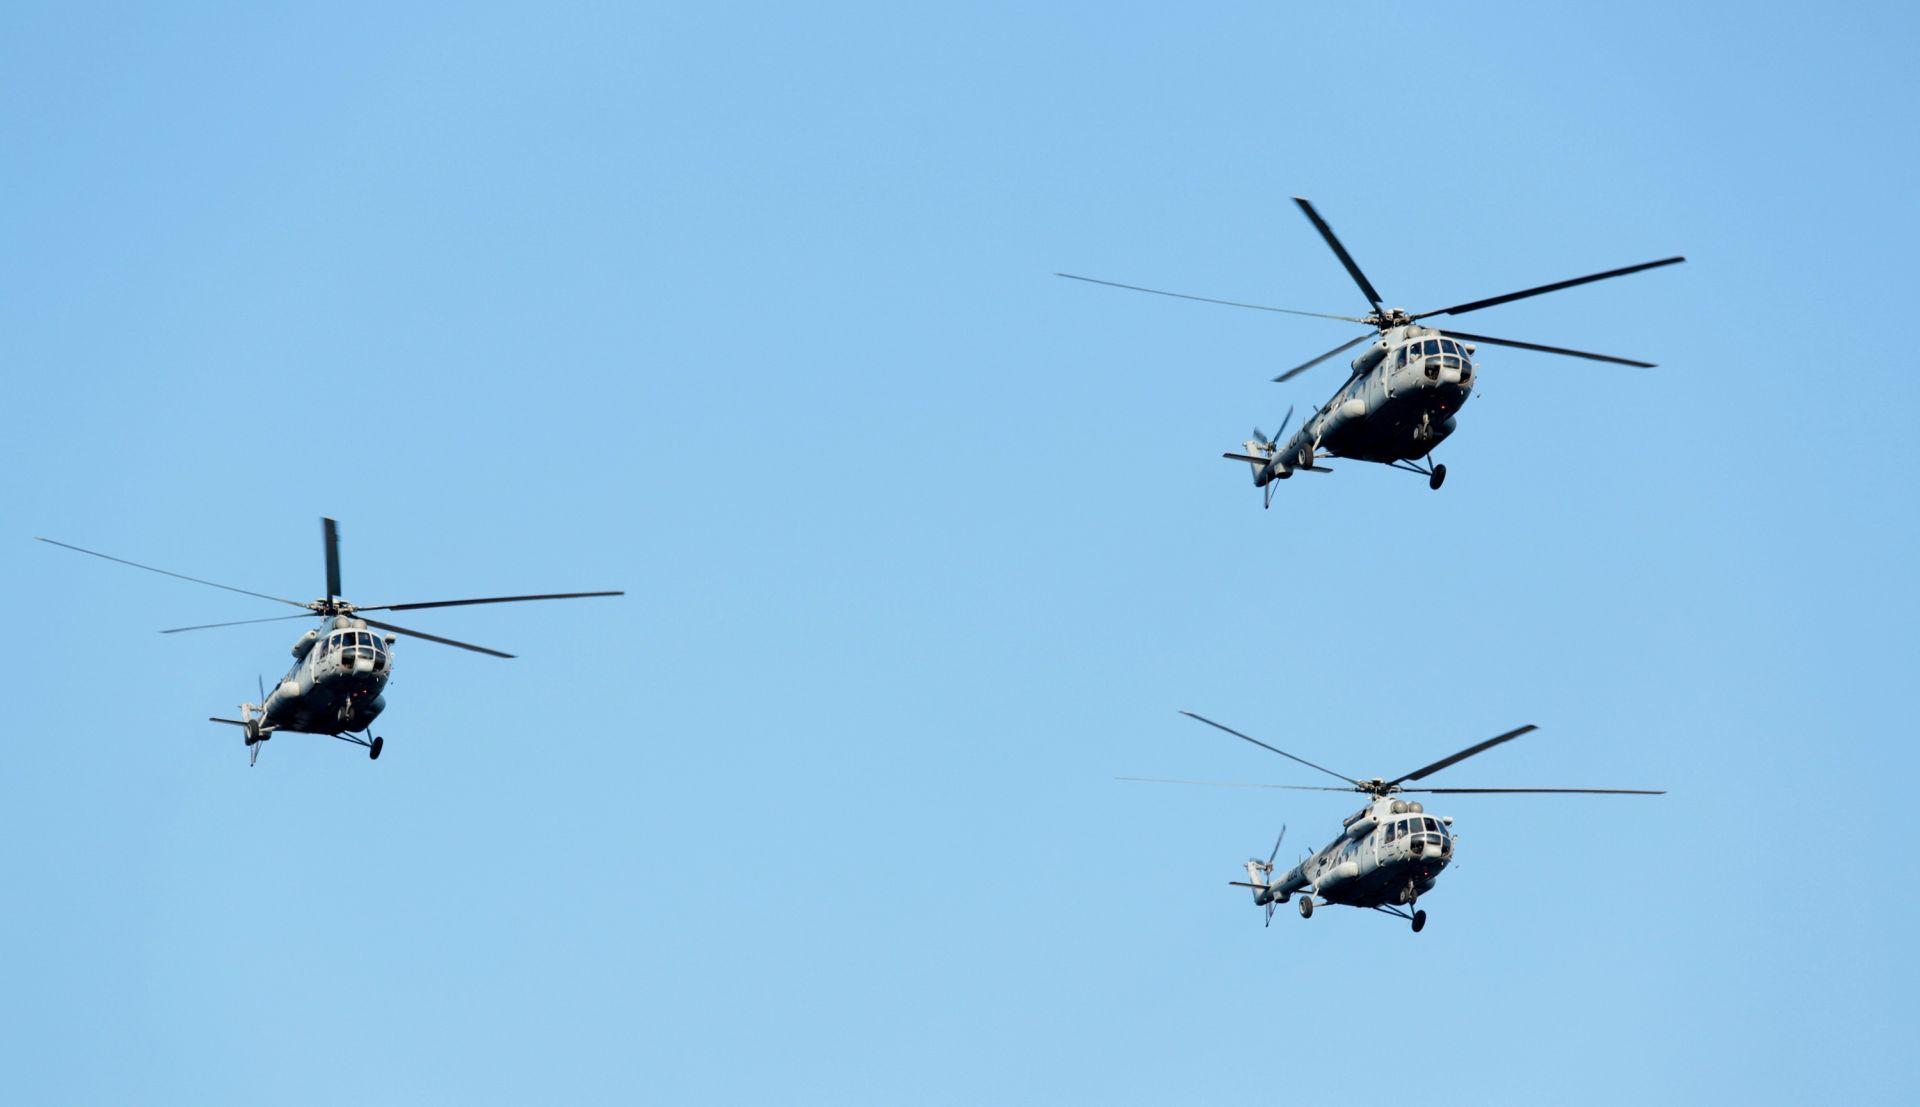 Ministarstvo zdravlja: Teče rok žalbe, ne možemo iznositi detalje o hitnim helikopterima